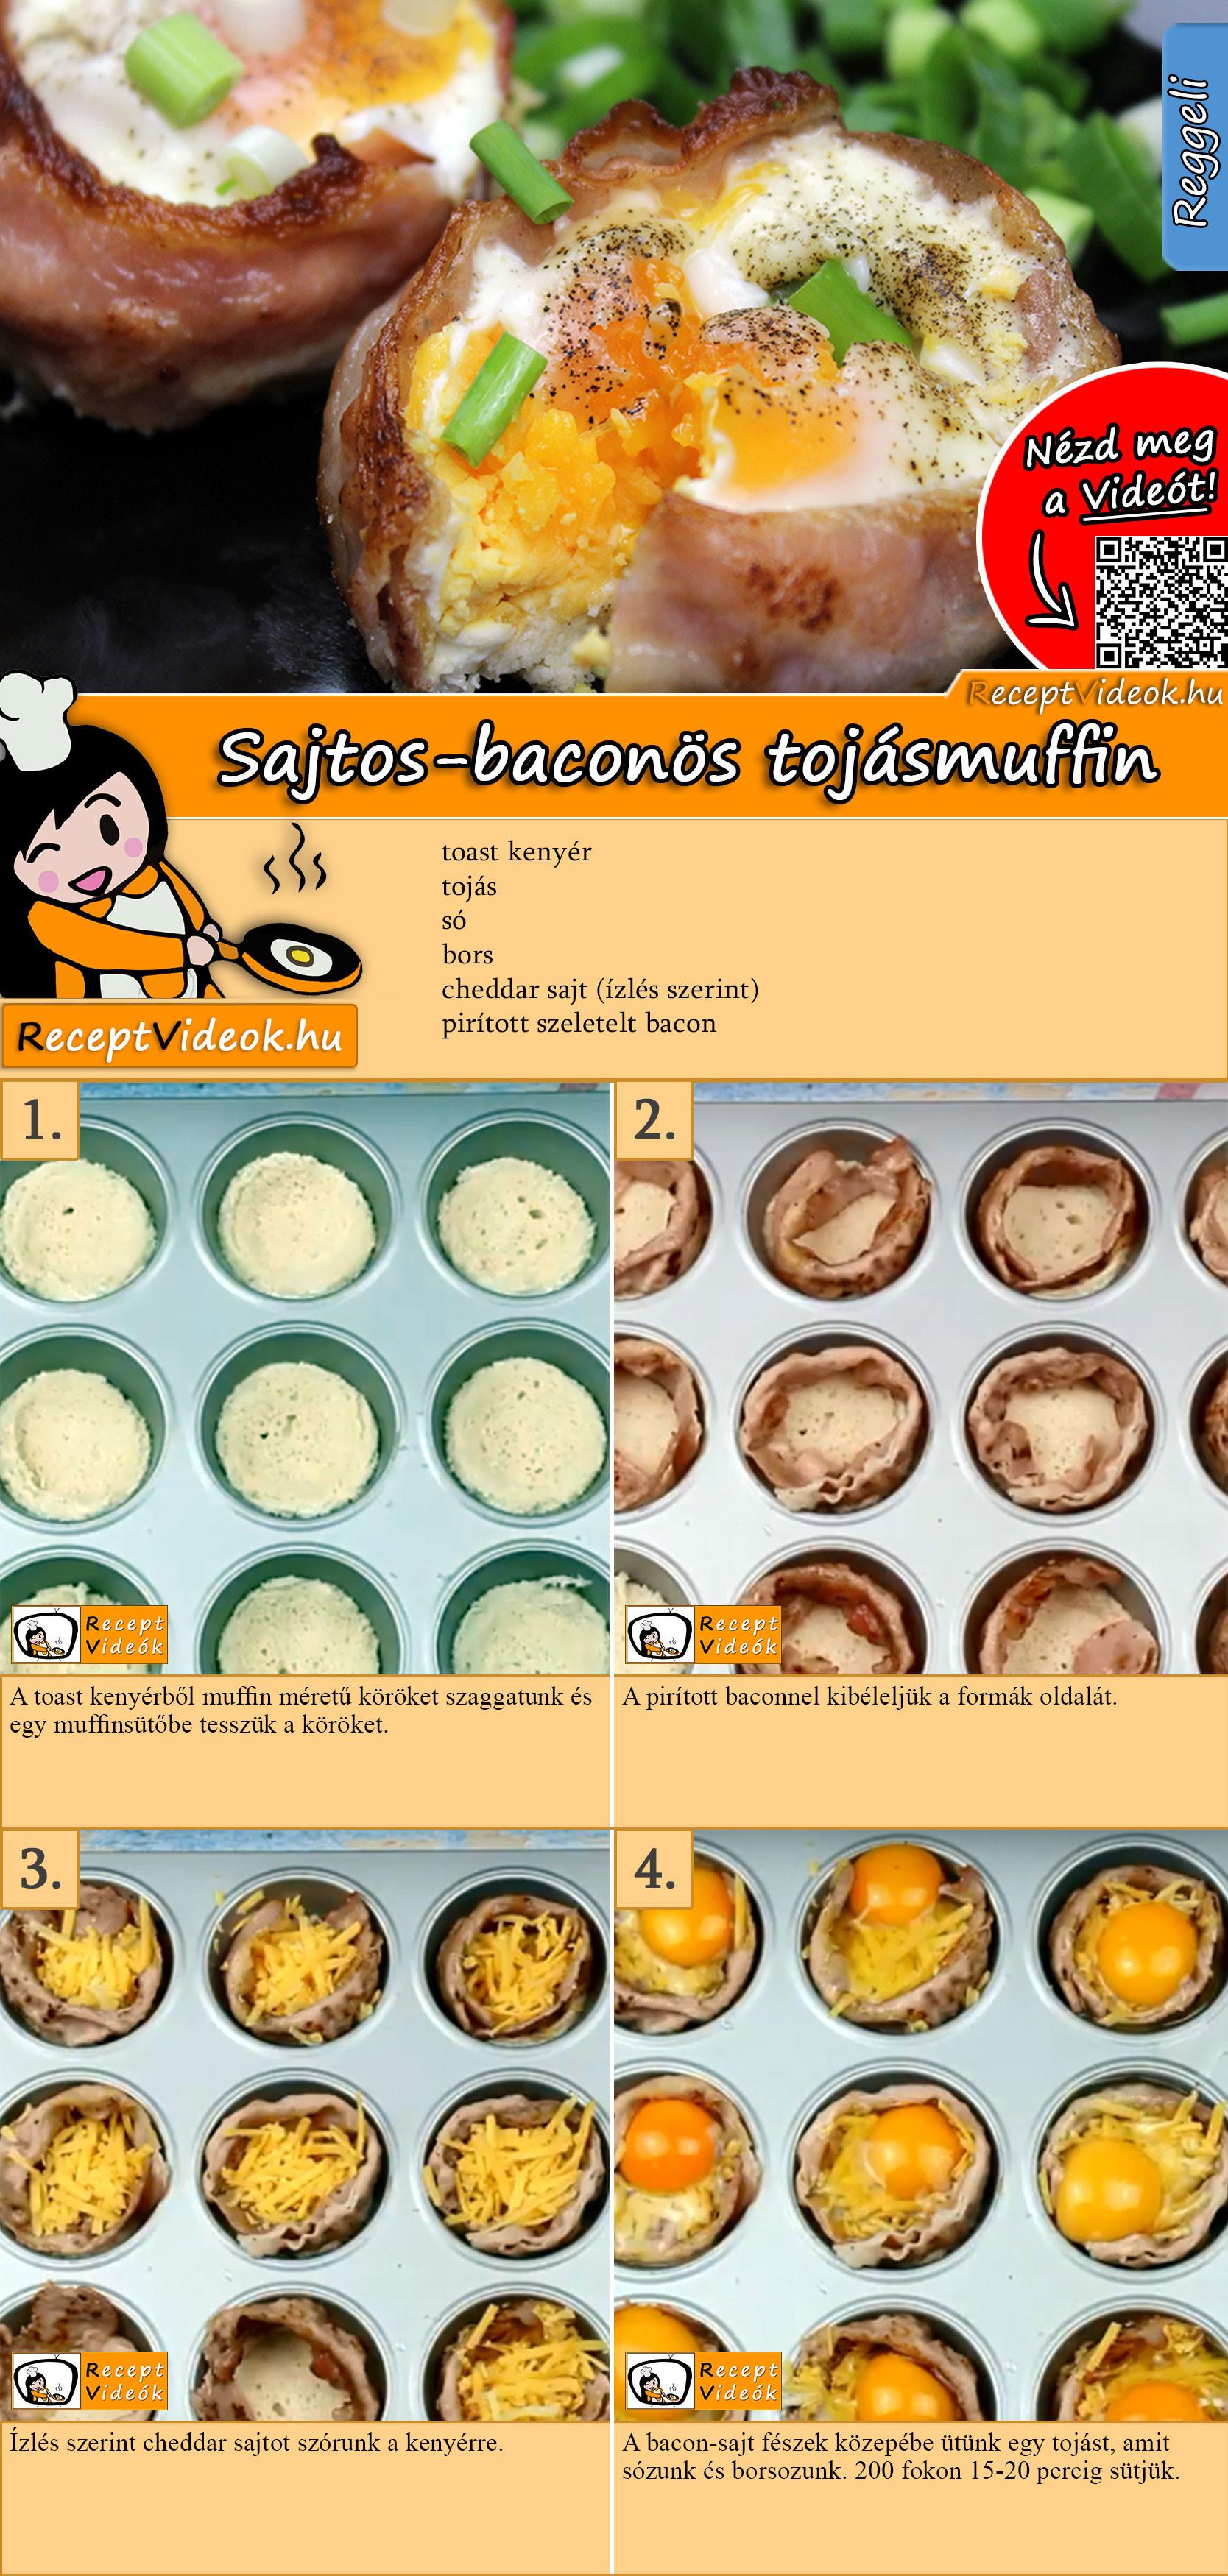 Sajtos-baconös tojásmuffin recept elkészítése videóval